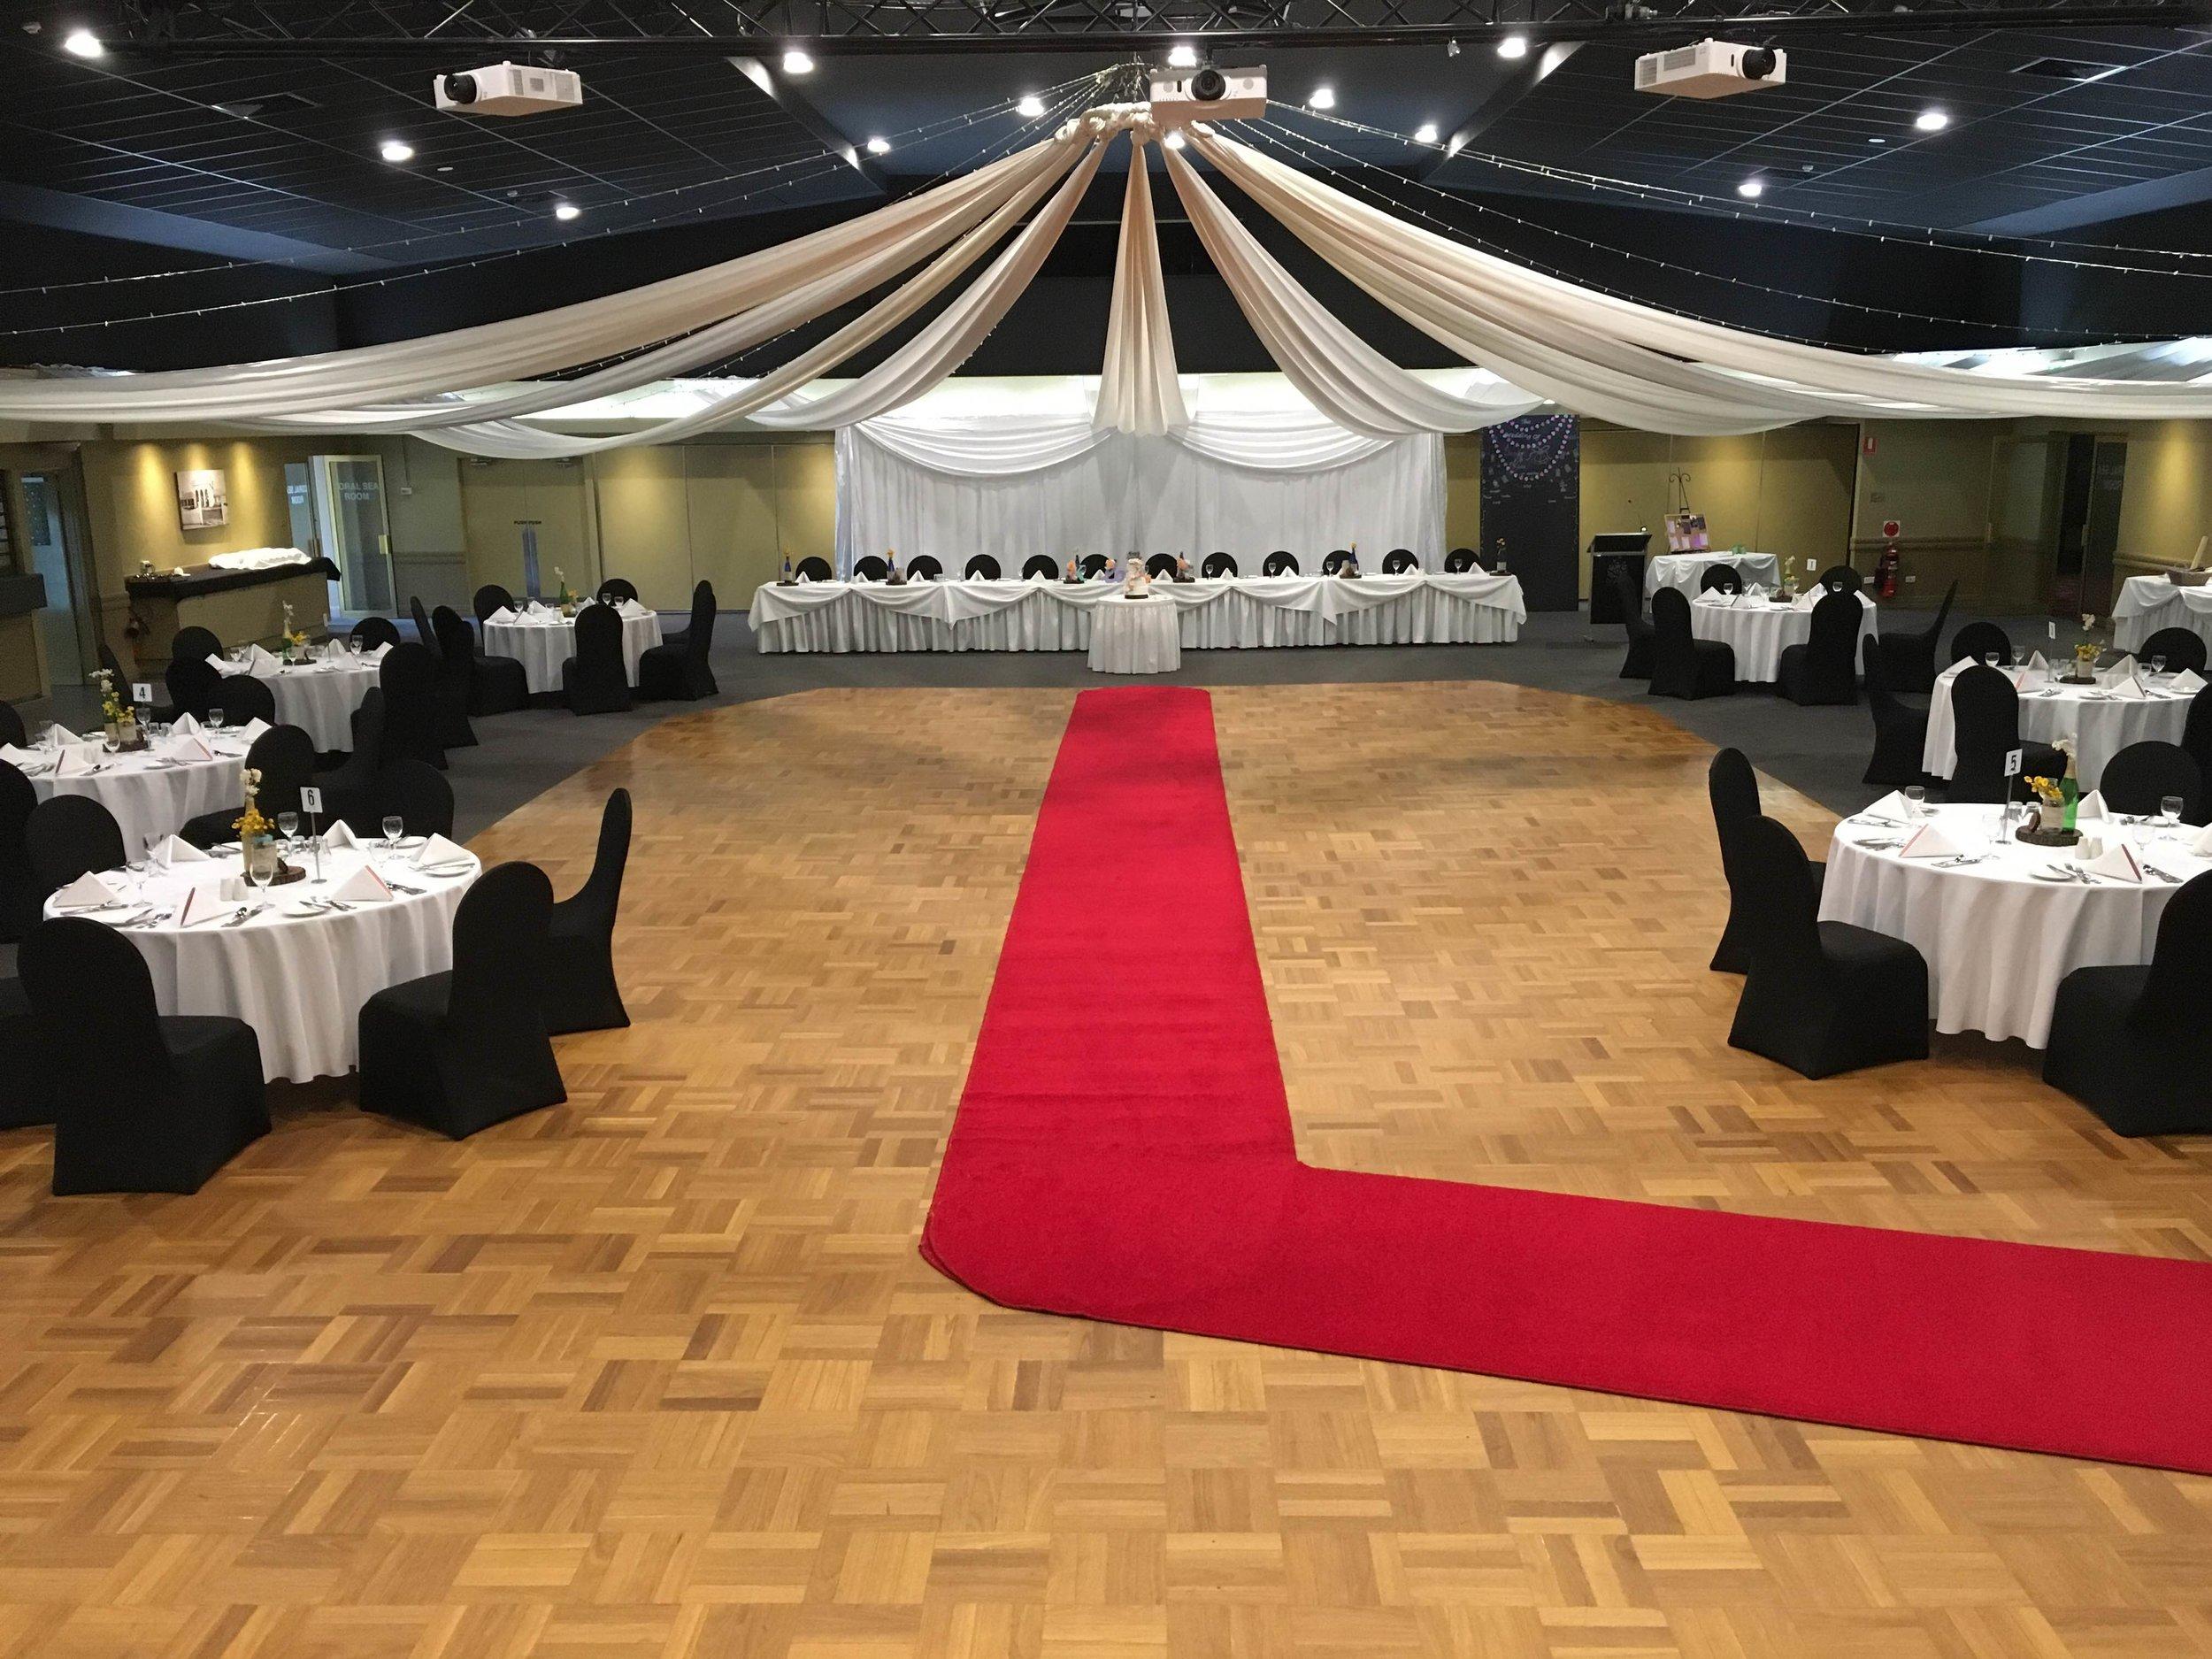 Coral Sea Auditorium Wedding 2.JPG